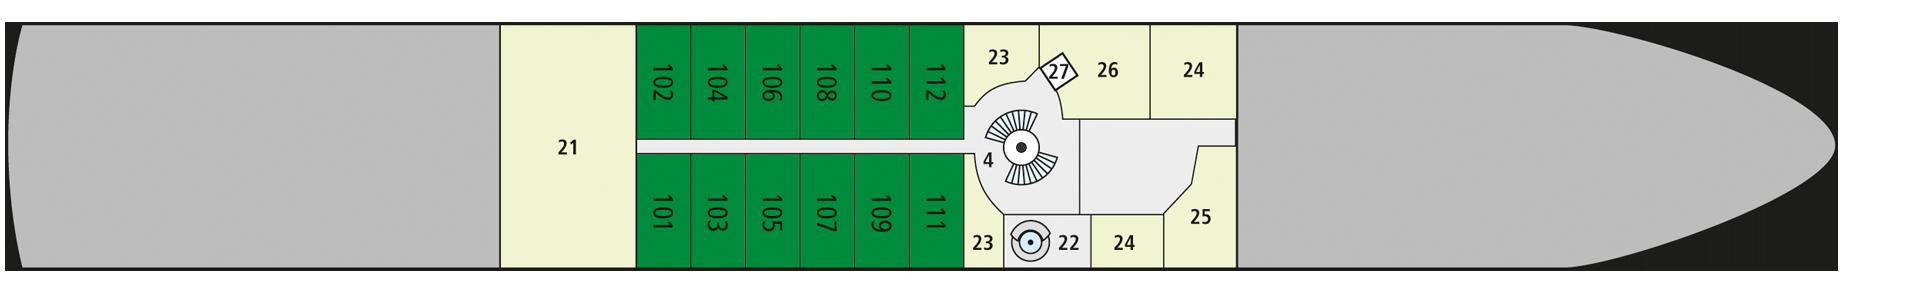 A-ROSA SENA Deck 1